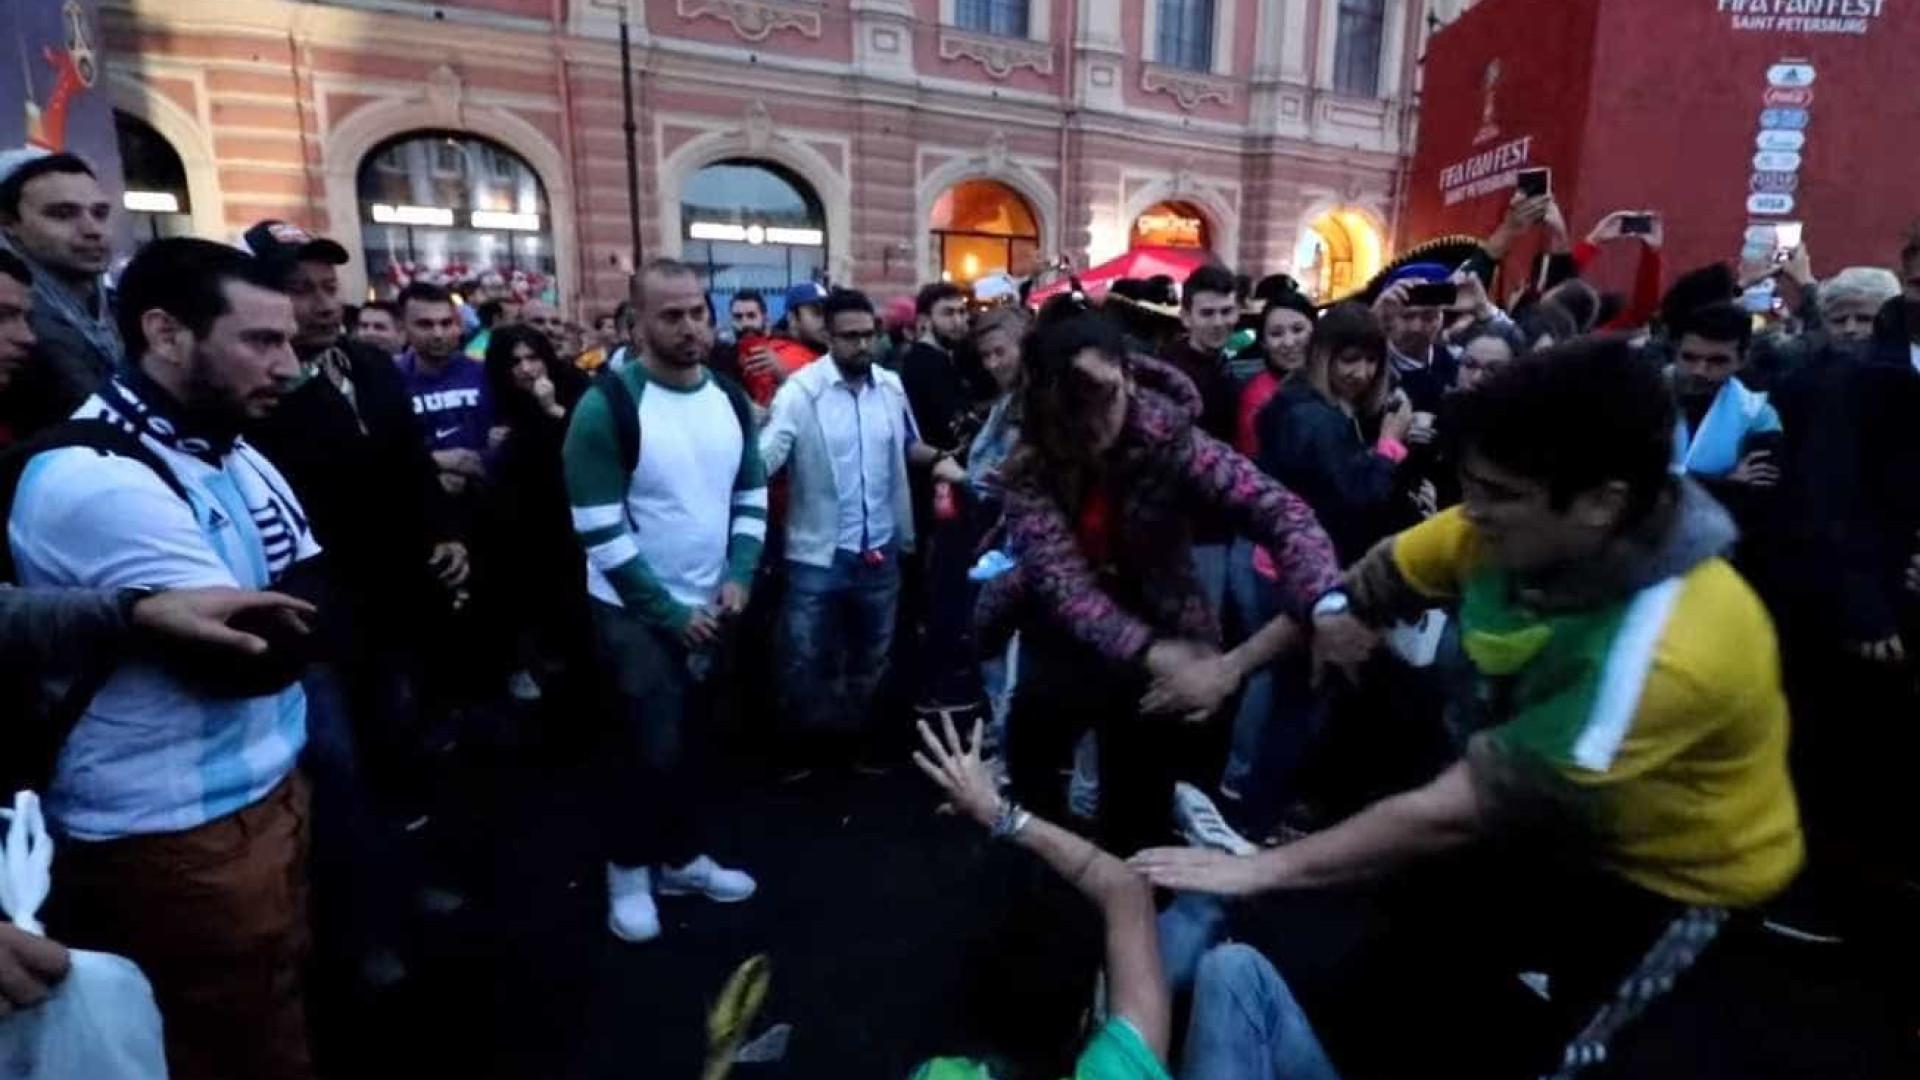 #MaisVistos: Brasileiros e argentinos se envolvem em pancadaria